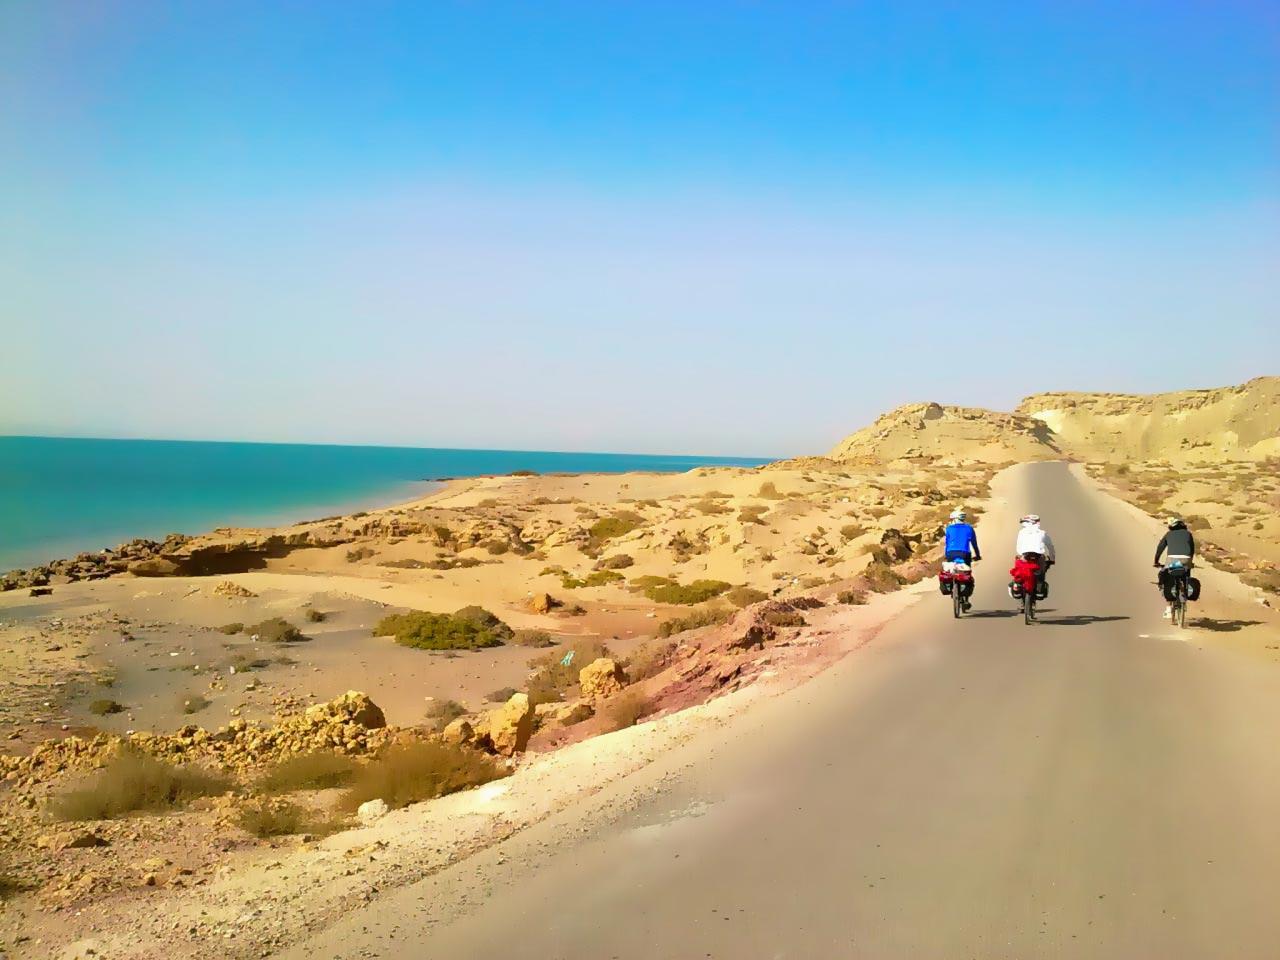 سفر با دوچزخه عکس در جزیره قشم